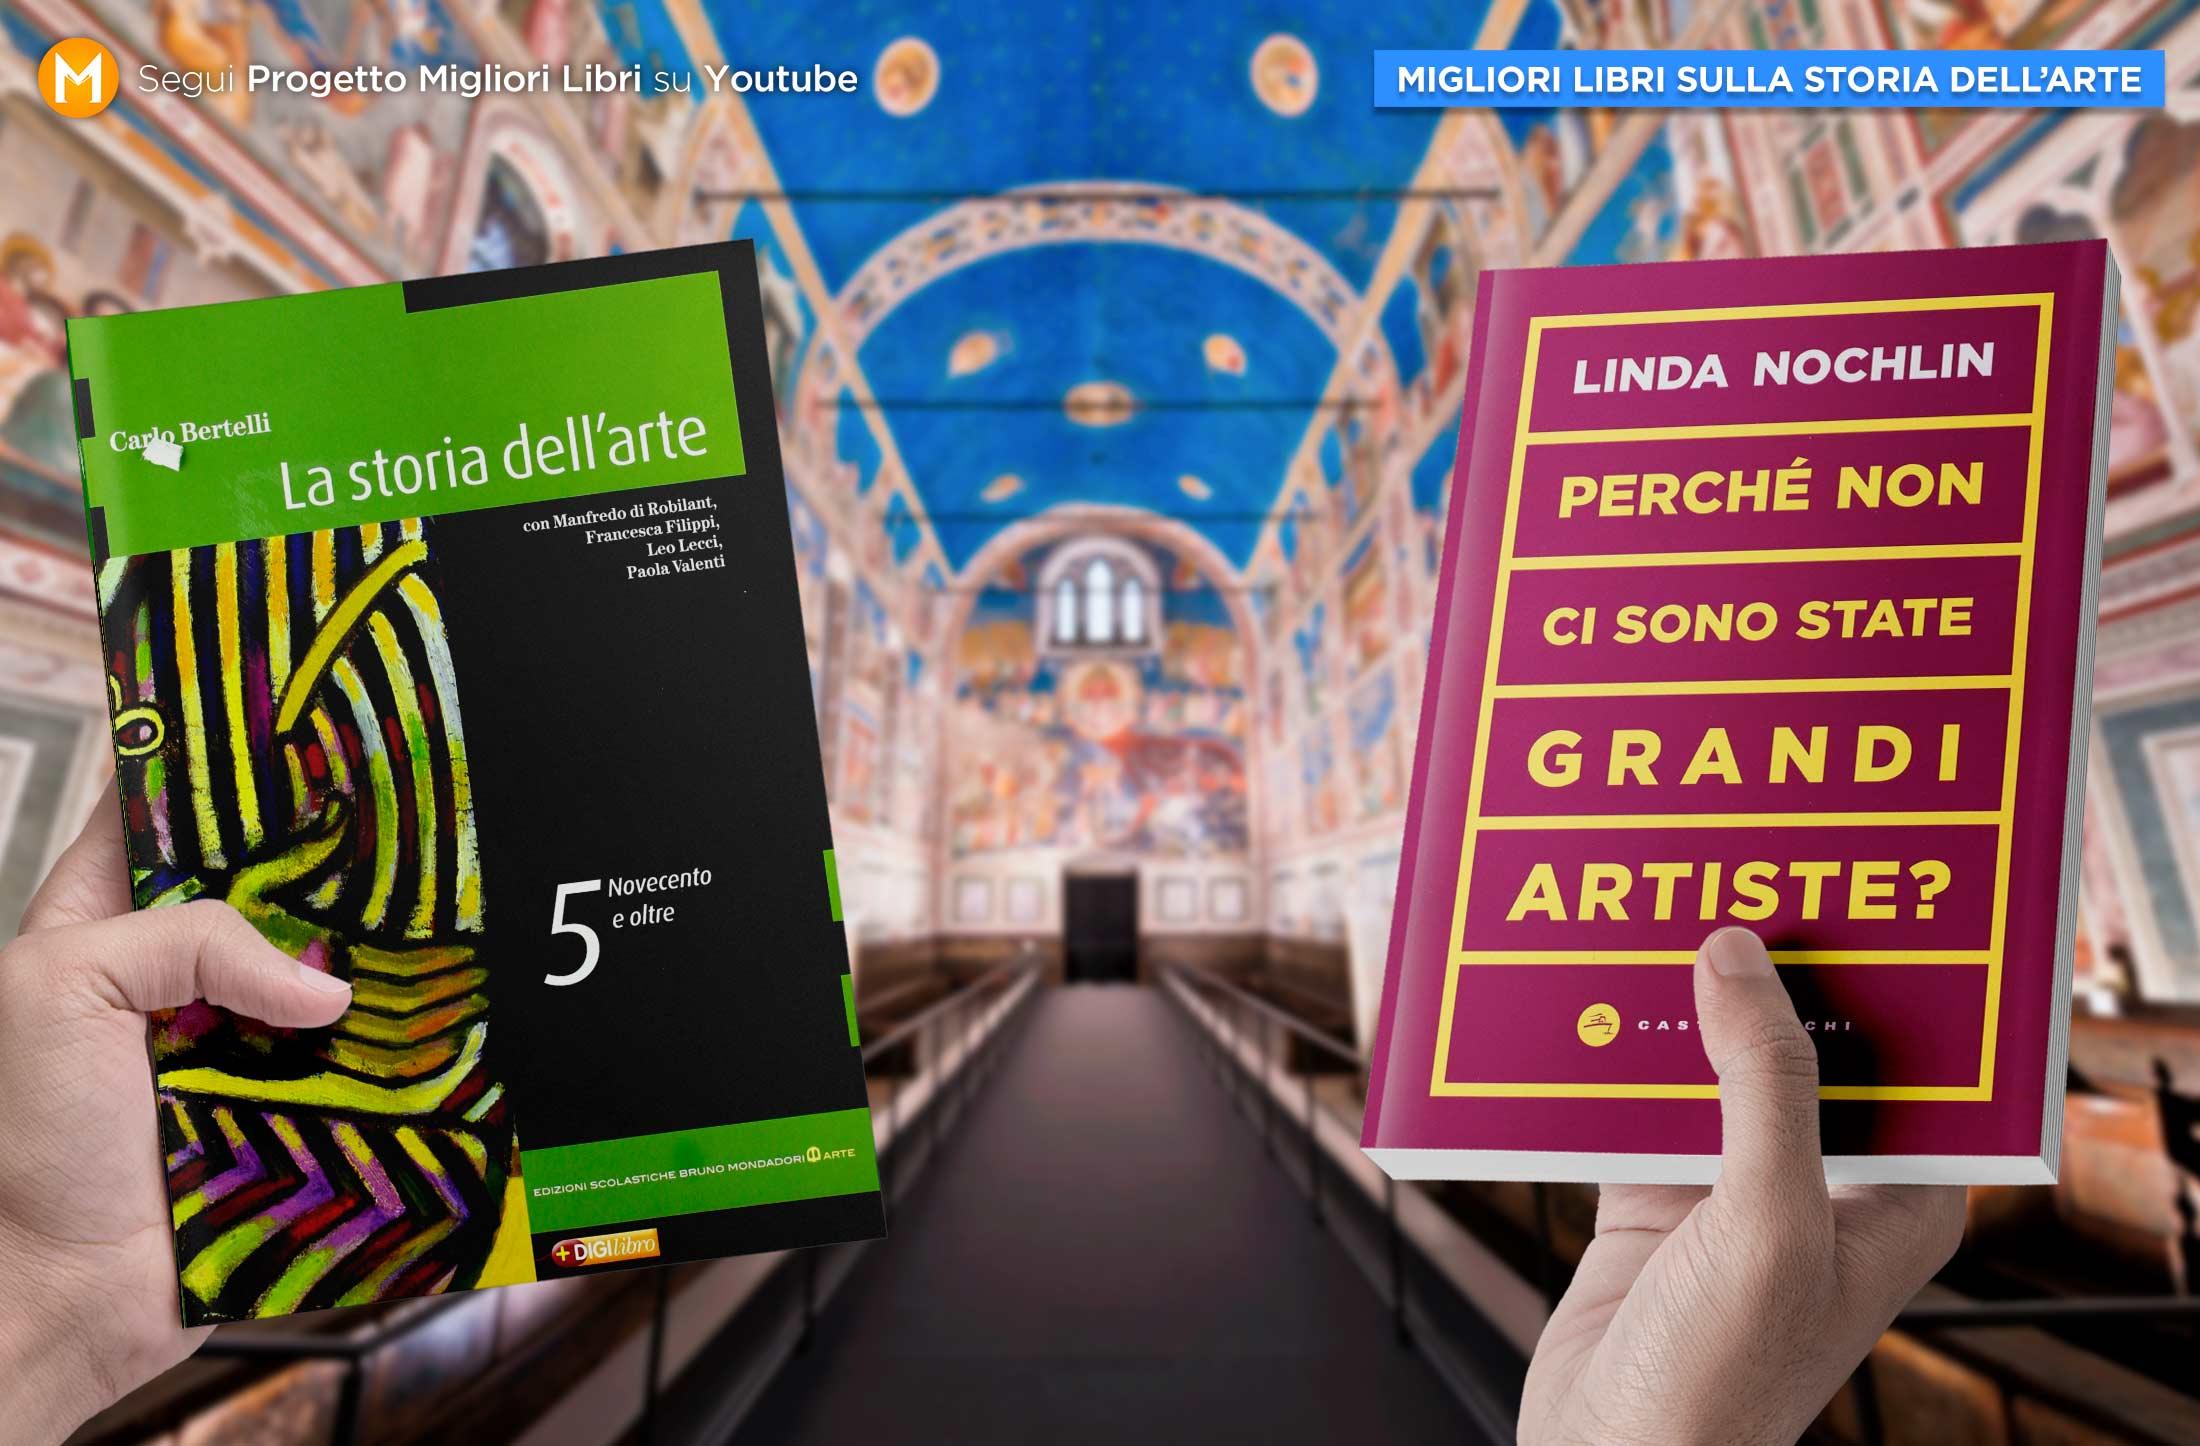 migliori-libri-sulla-storia-dell'arte